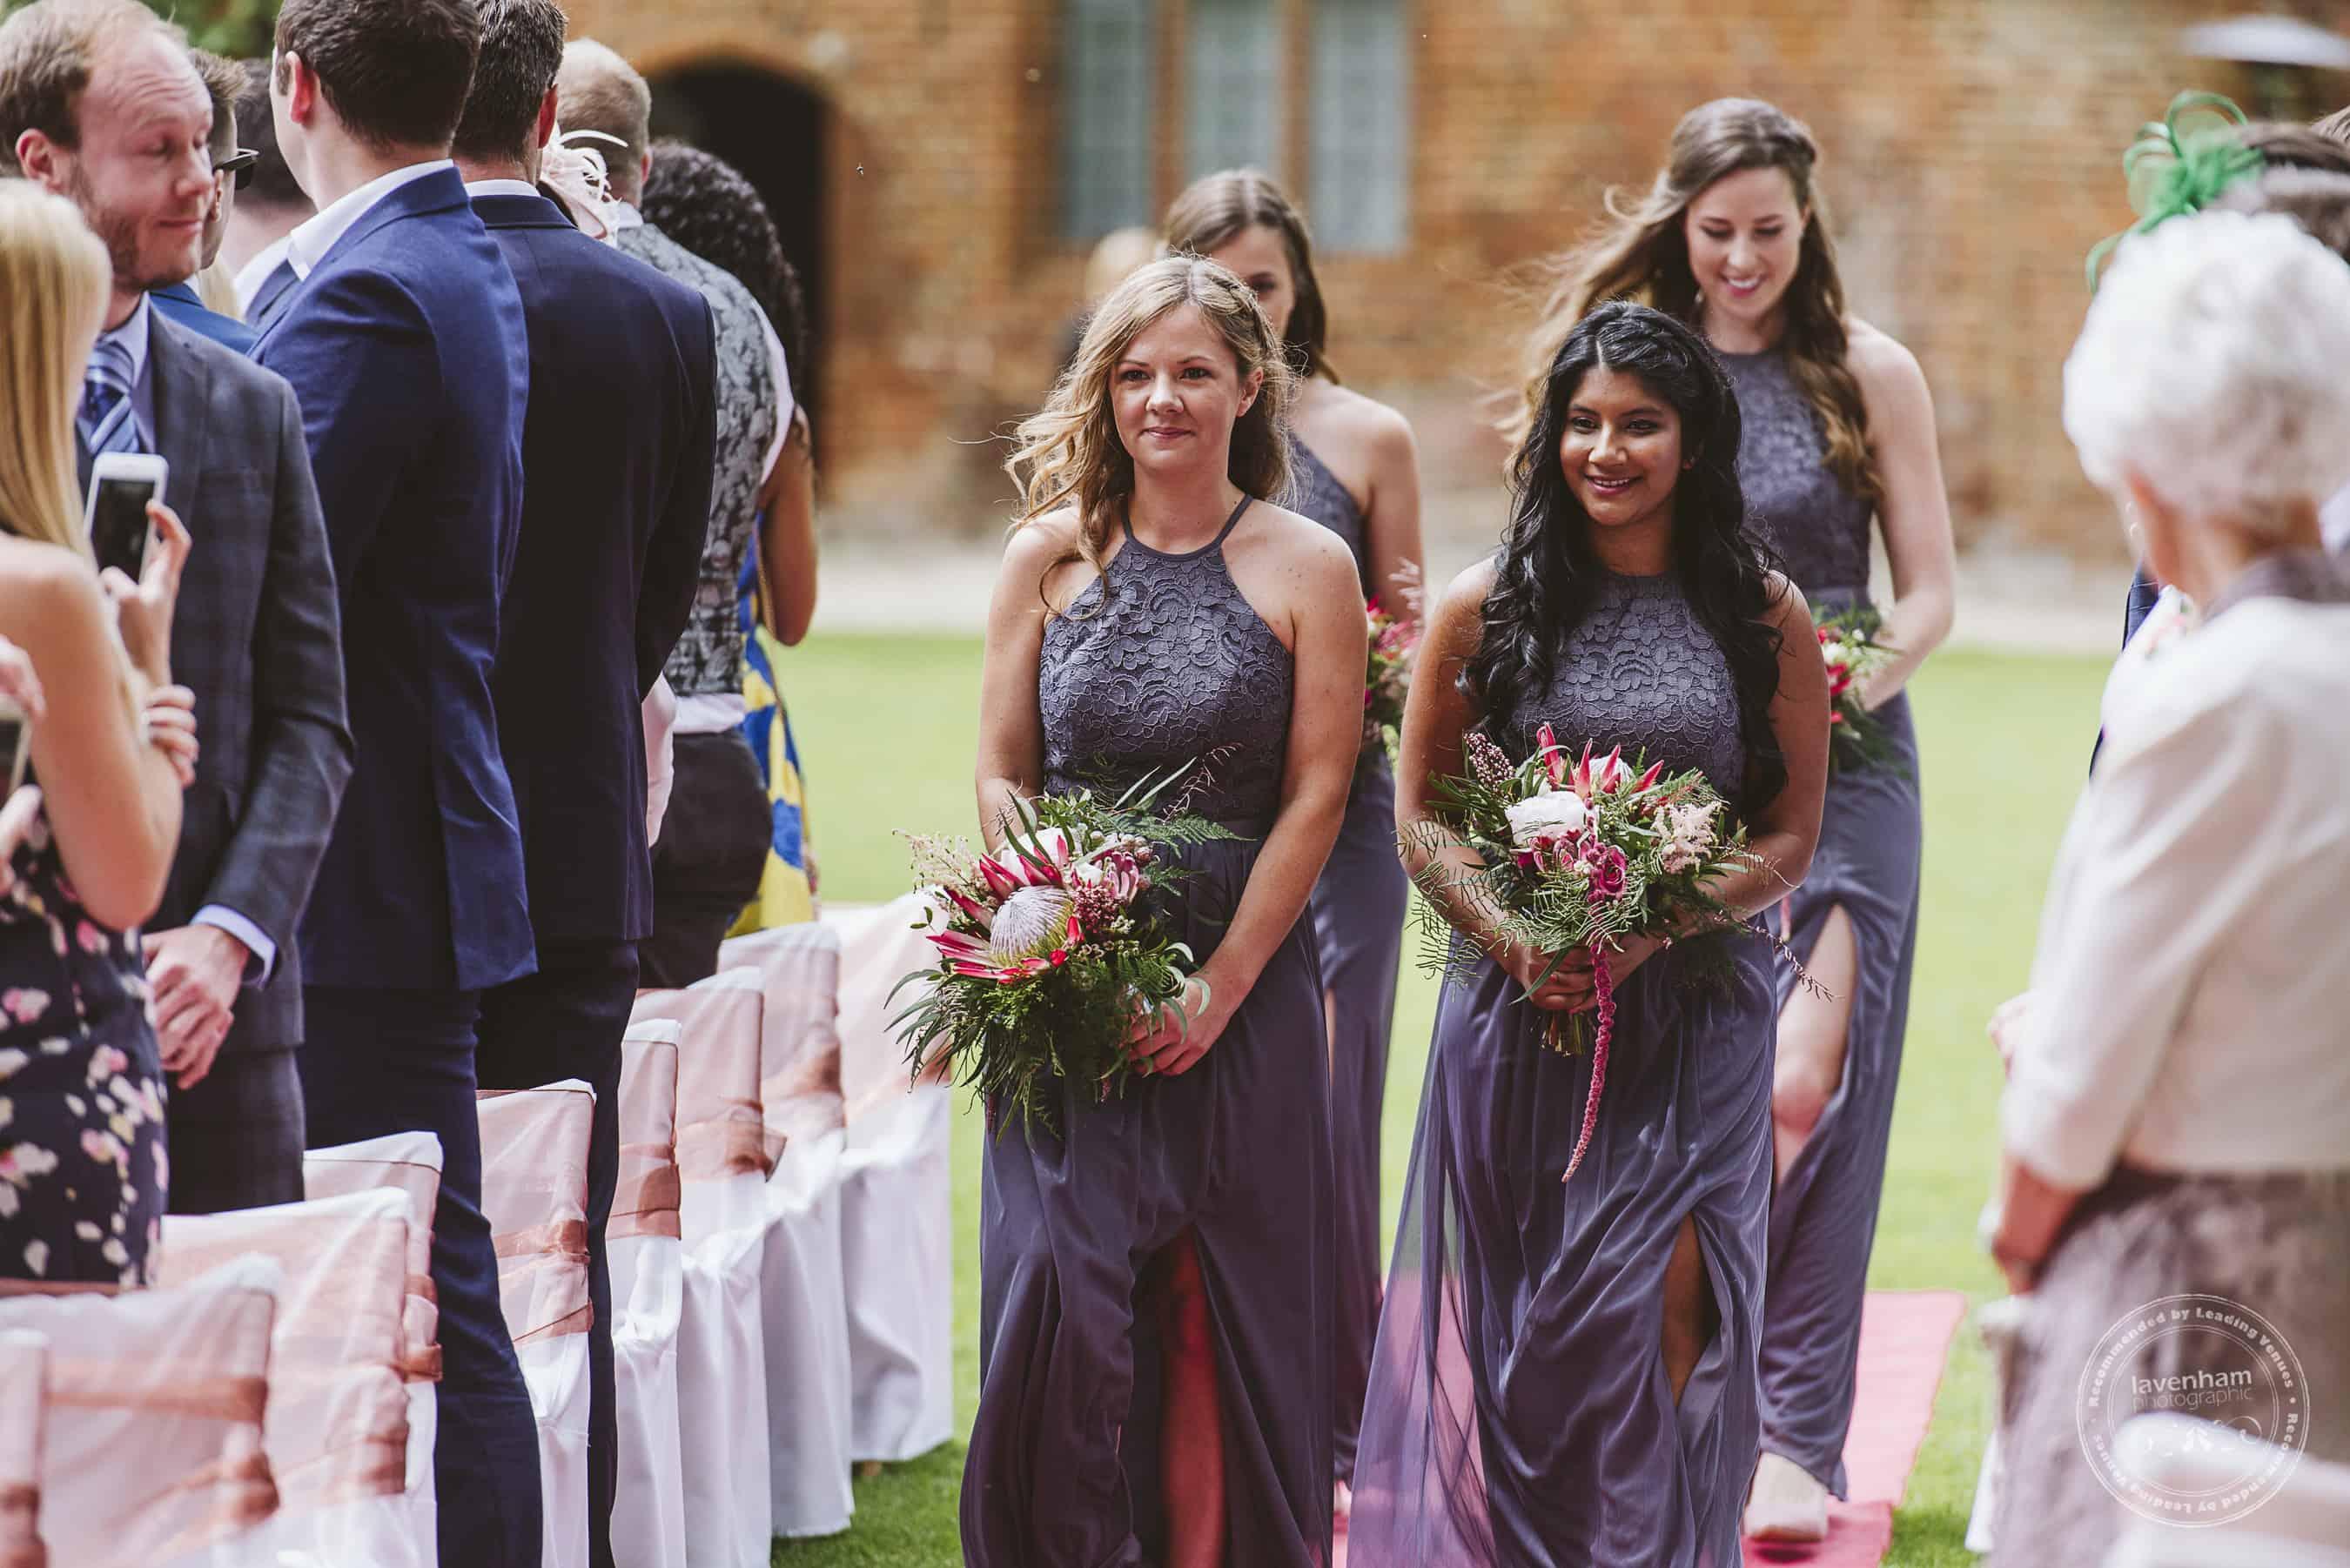 020618 Leez Priory Wedding Photography Lavenham Photographic 048